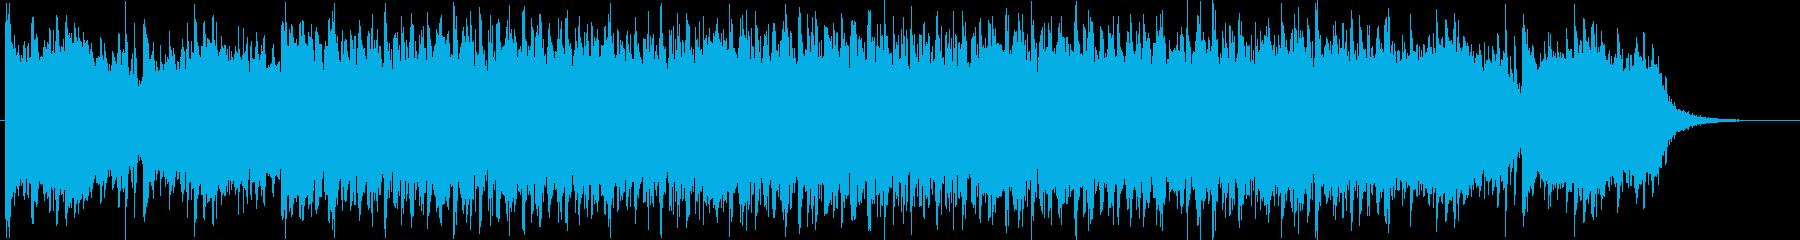 未来的、幻想的なデジタルポップサウンドの再生済みの波形